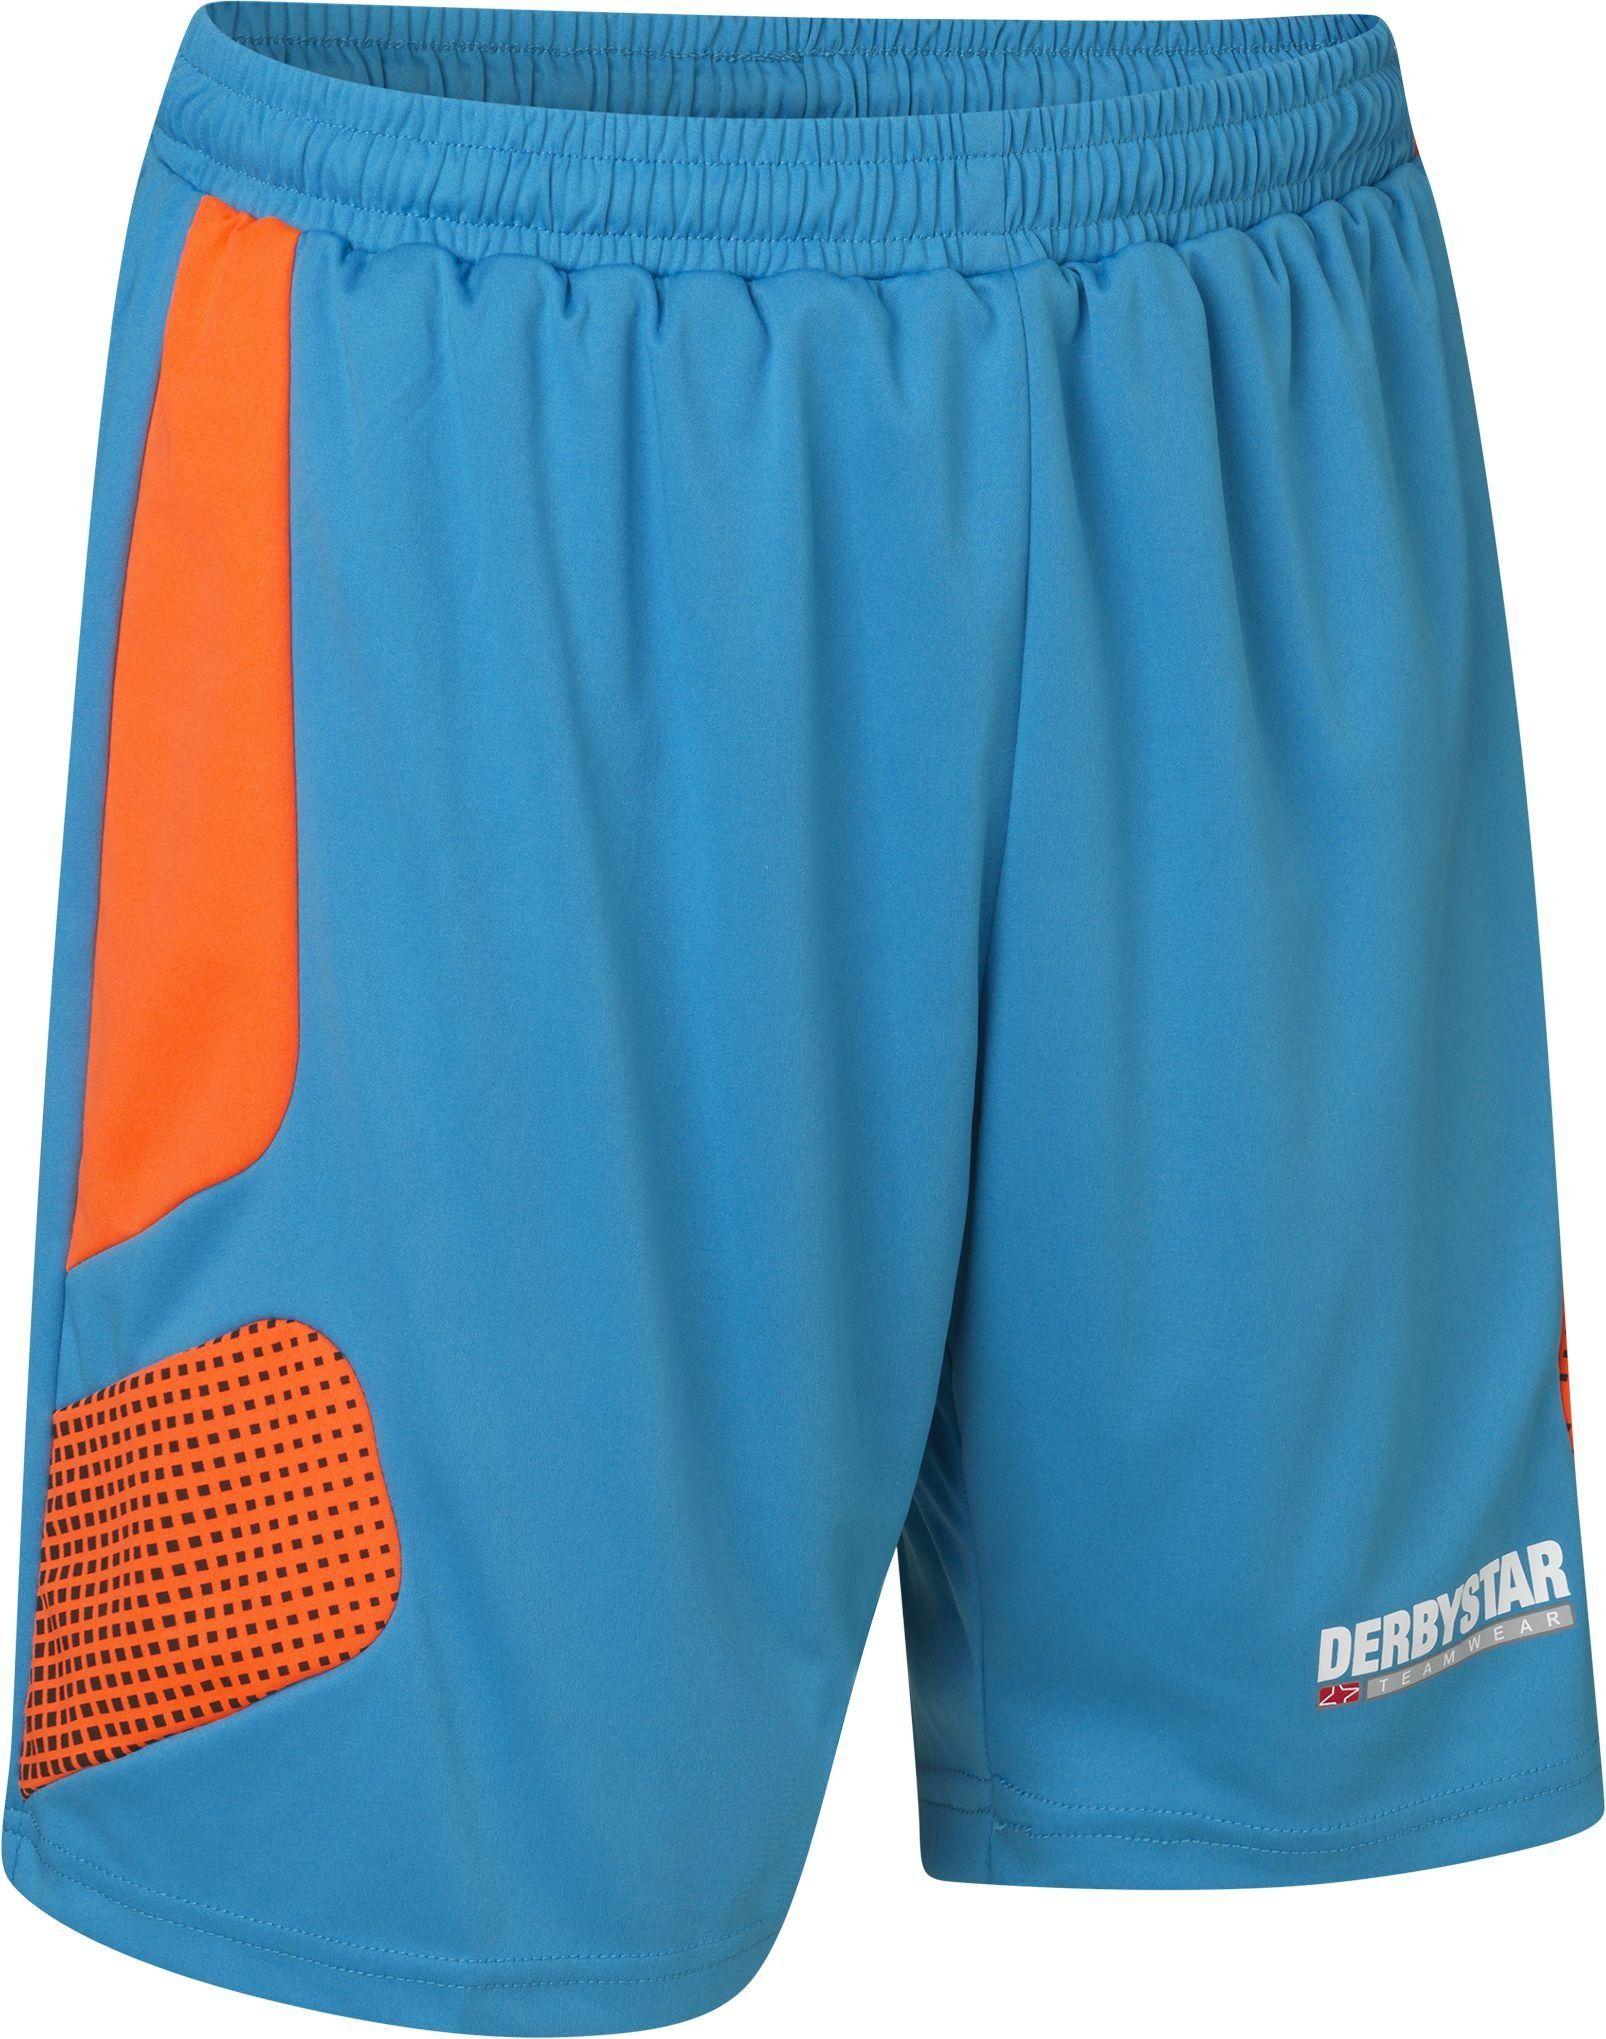 Derbystar Aponi Pro 6630040670 spodnie bramkarskie, rozmiar M, kolor petrol orange